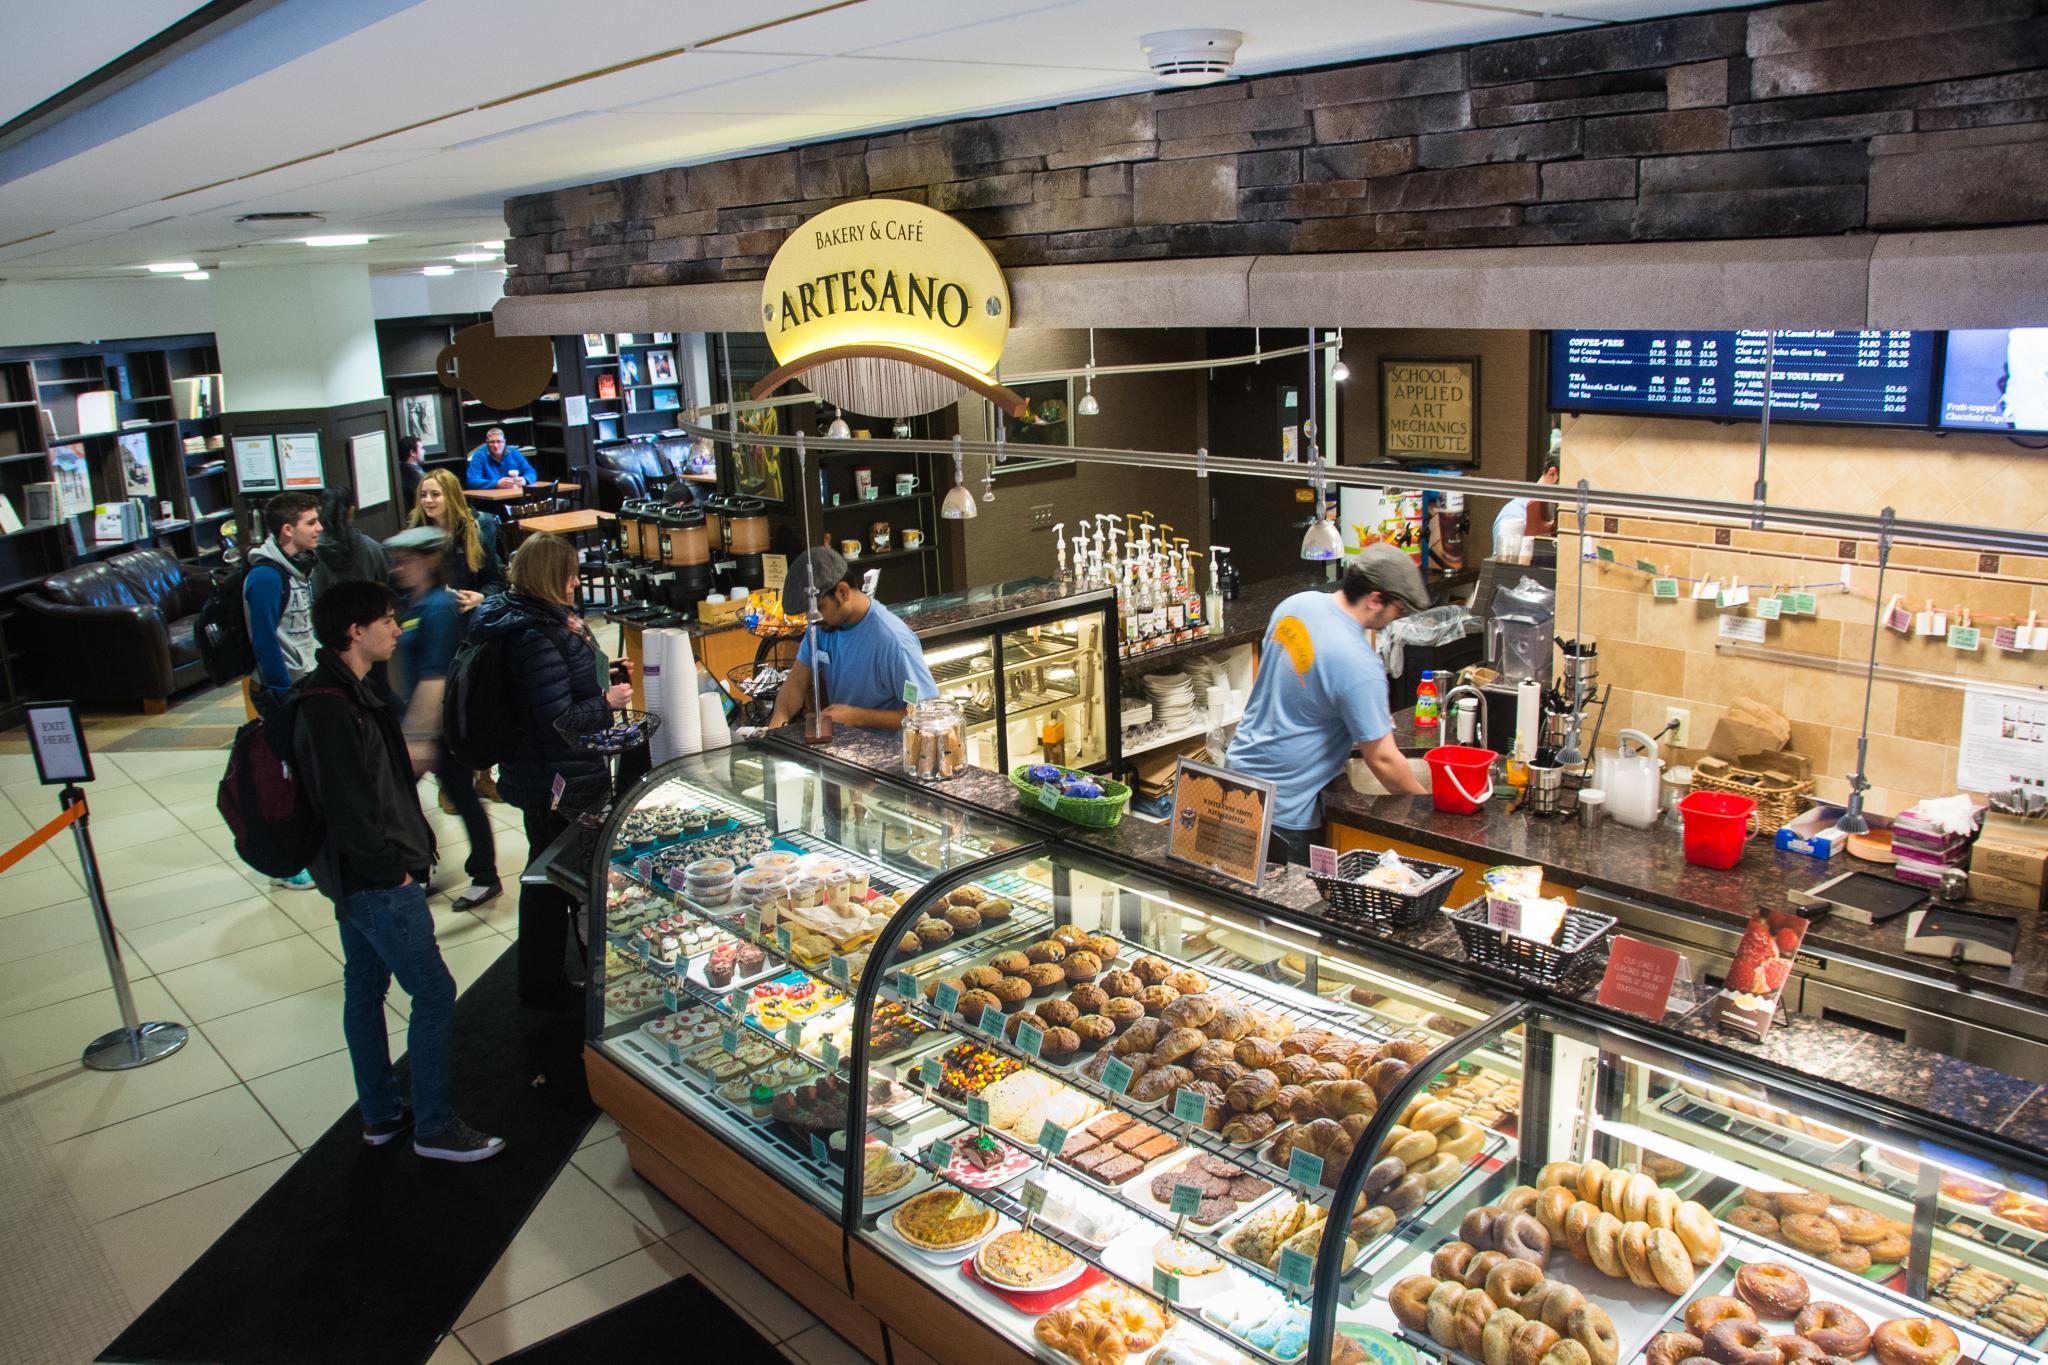 Resultado de imagem para Artesanos Bakery